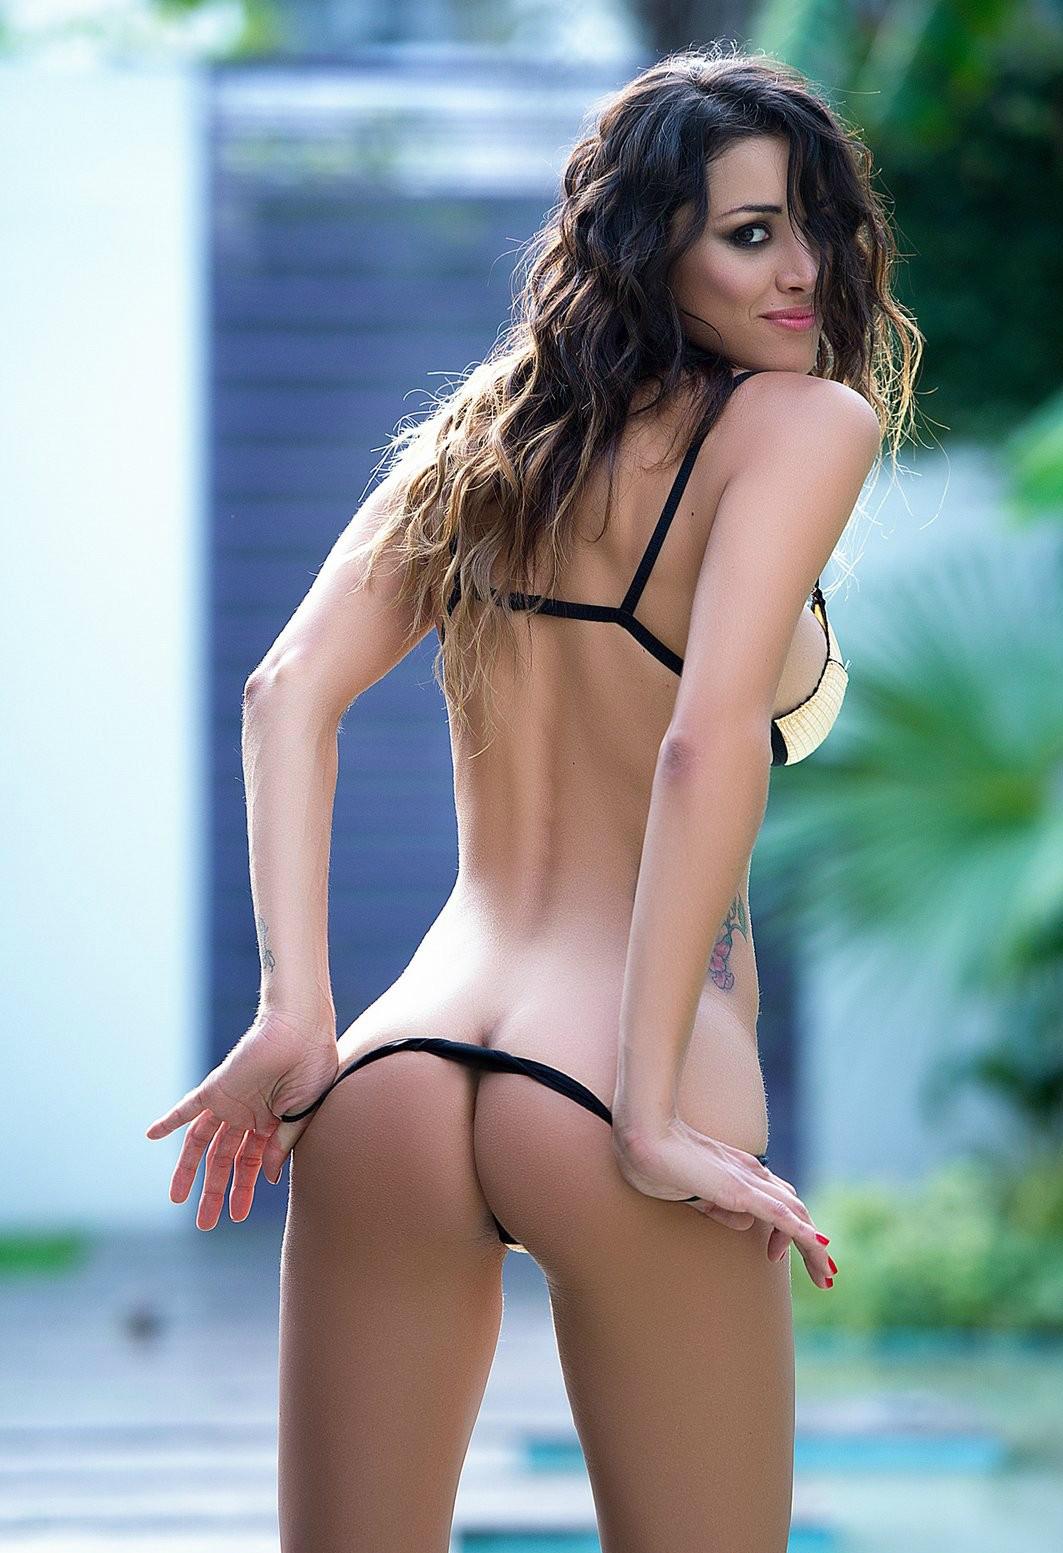 Vanessa Alvar - Sexy Body